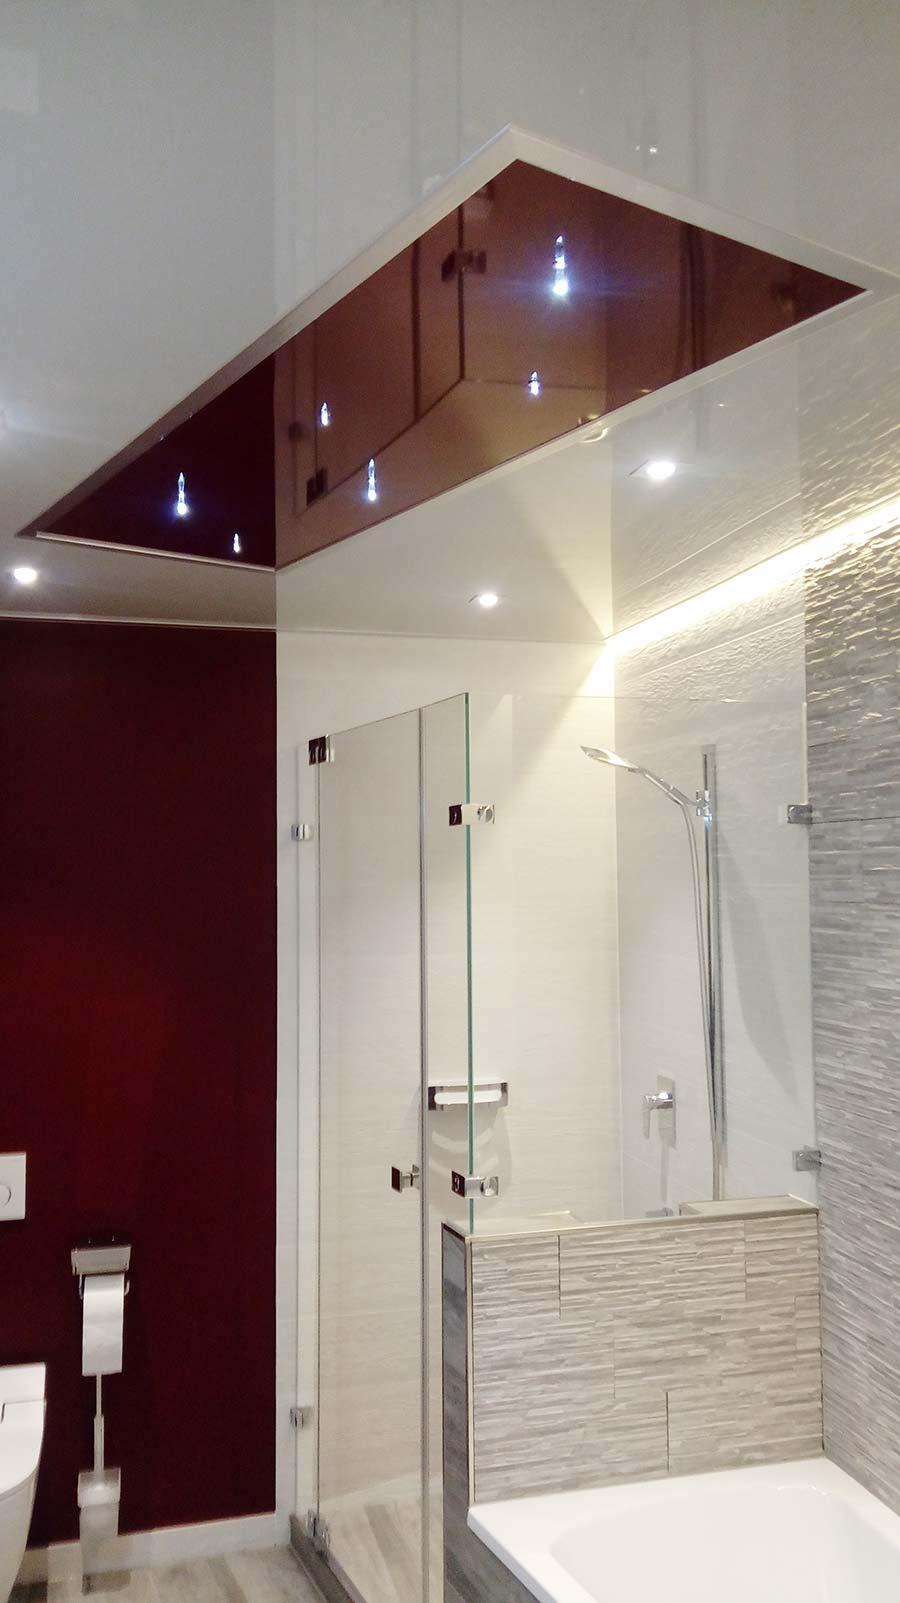 Tolle Badezimmerdecke mit Element und Sternenhimmel - PLAMECO